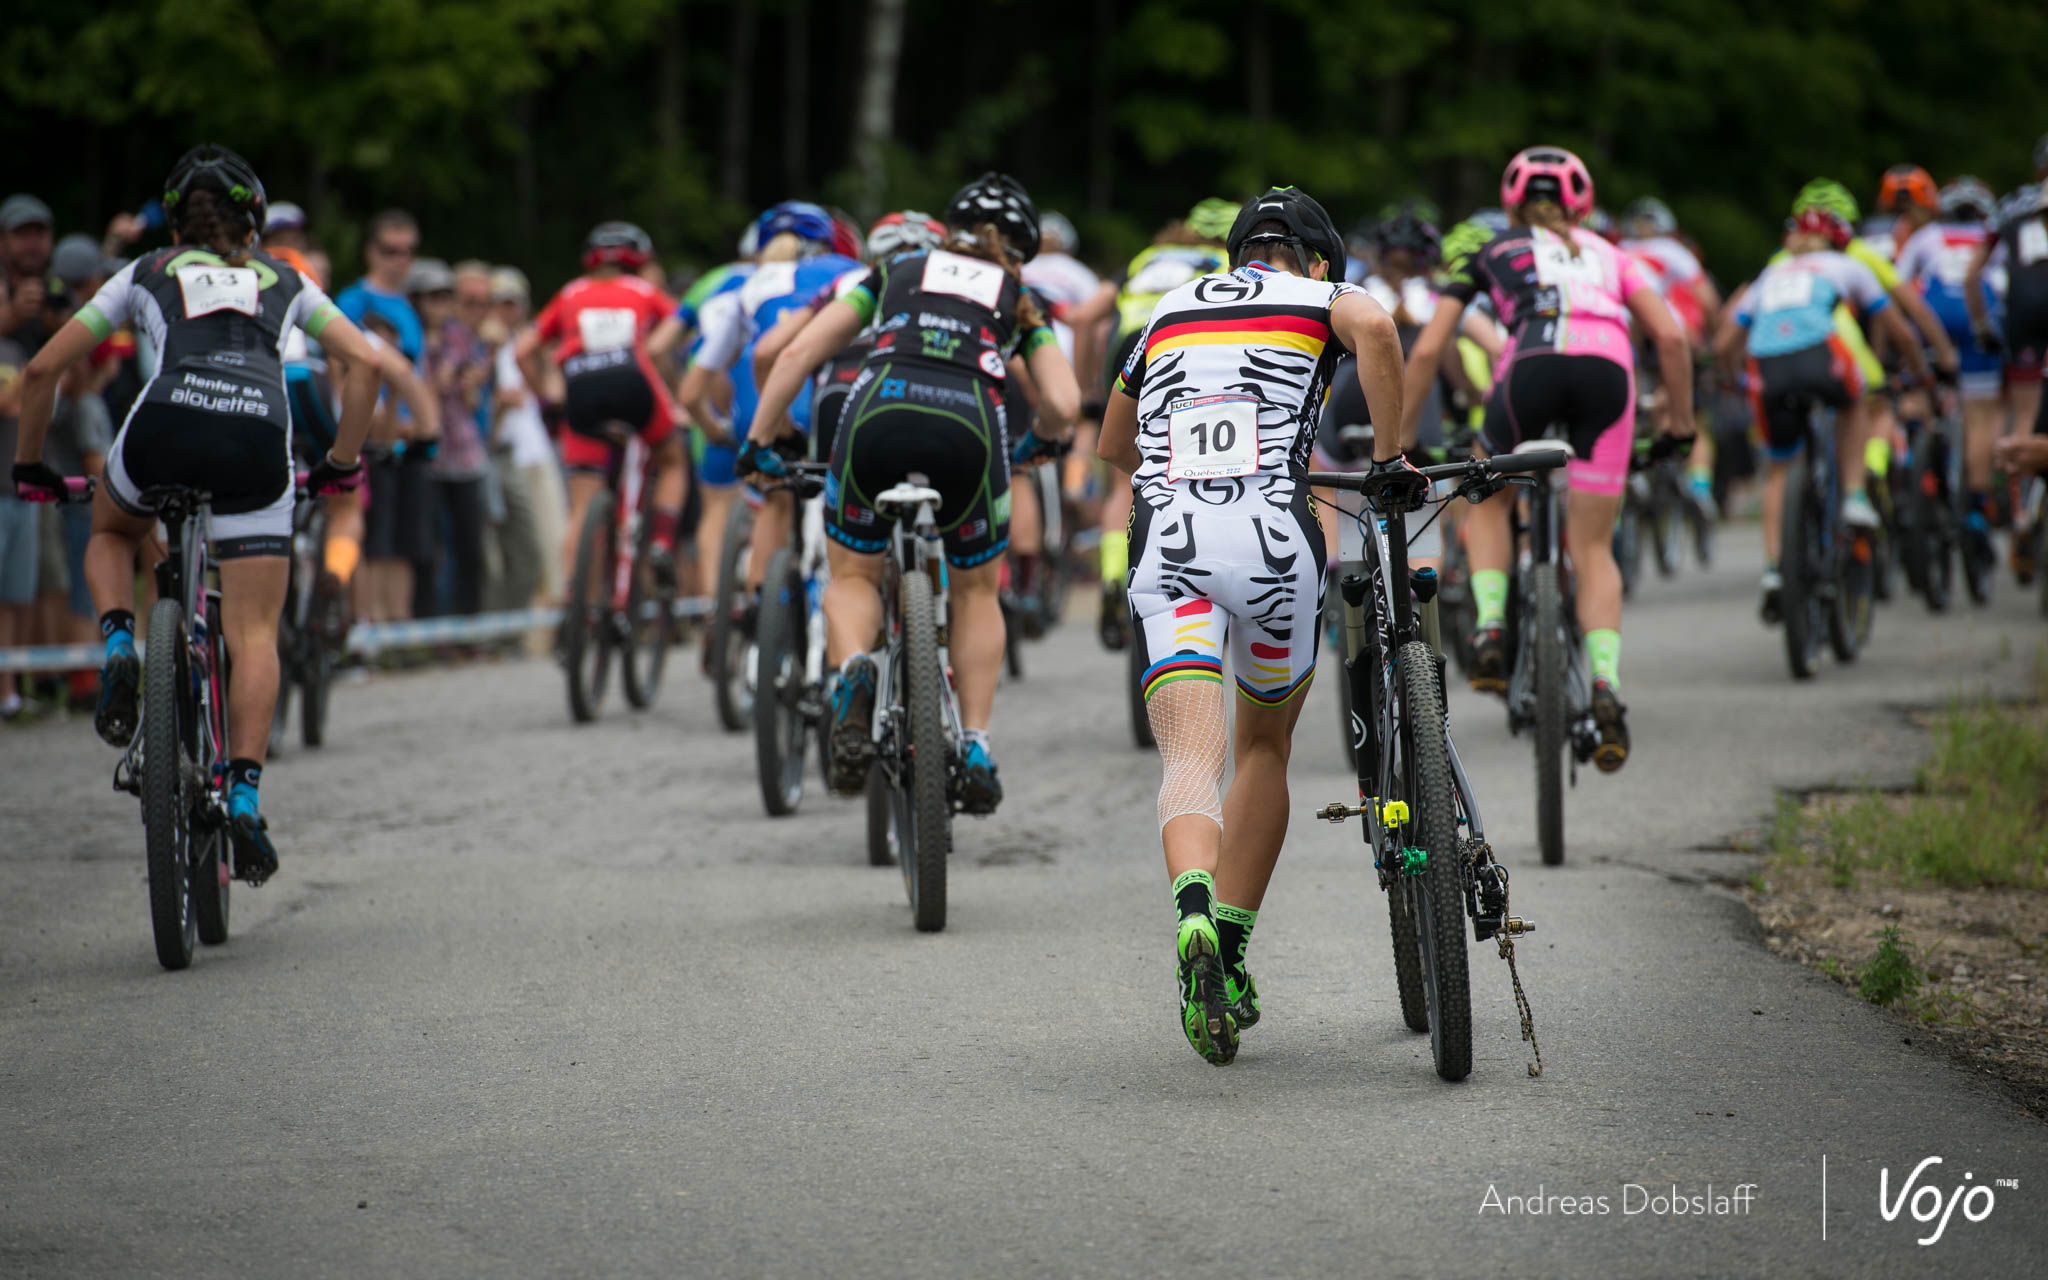 10, Spitz, Sabine, Sabine Spitz Pro Team, , GER